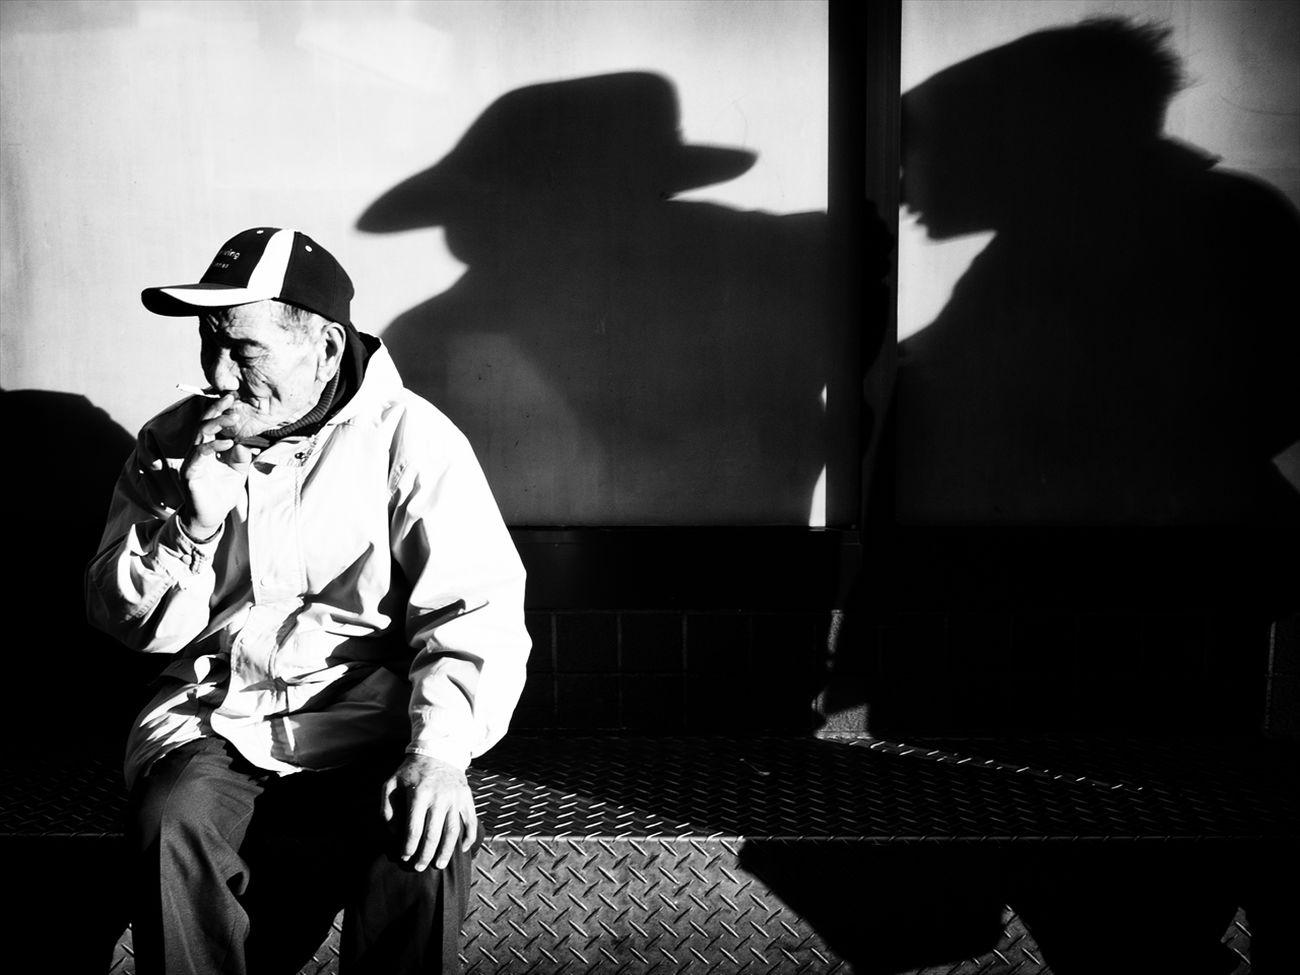 トーキョー・ブルース ~Tokyo Blues~ 渋谷 Shibuya #2 B&w Street Photography Black And White Creative Light And Shadow Monochrome Photography People Shibuya SHINJYUKU Street Street Photography Streetphoto Streetphoto_bw Streetphotographer Streetphotographers Streetphotography Streetphotography_bw Tokyo Tokyo Street Photography Tokyo,Japan